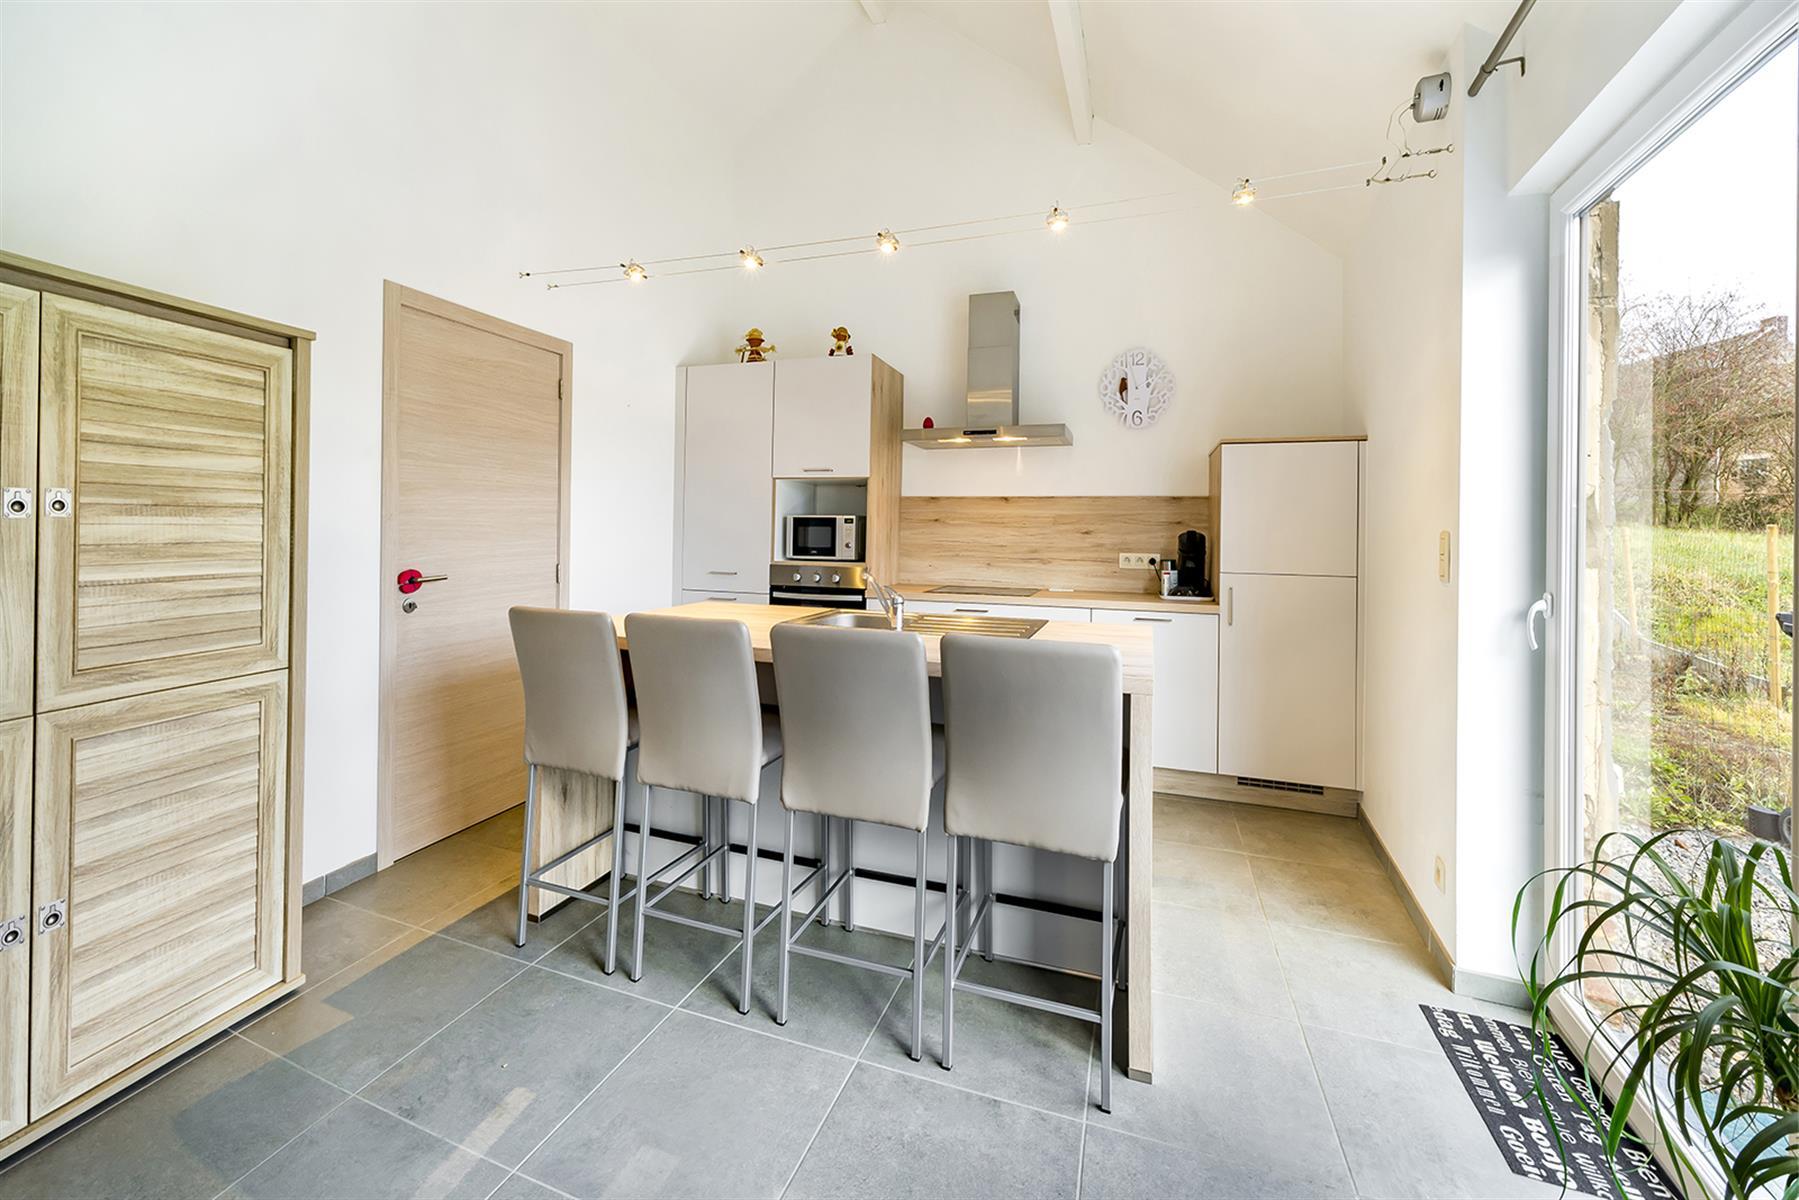 Maison - Saint-Georgessur-Meuse - #3638461-8